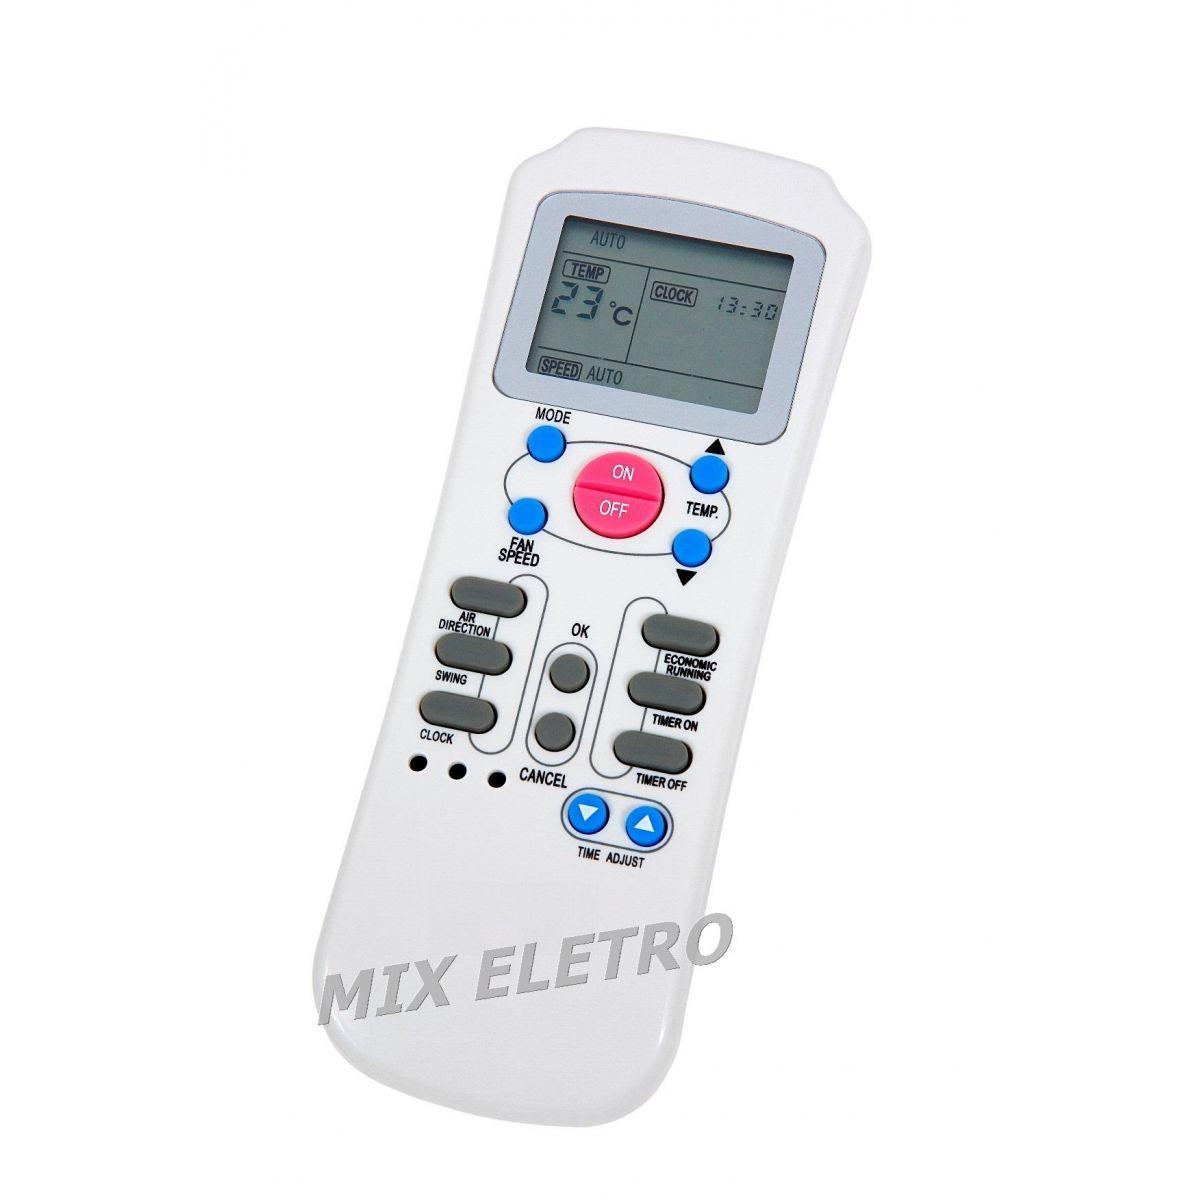 CONTROLE REMOTO PARA AR CONDICIONADO SPRINGER MAXIFLEX R14E  - Mix Eletro